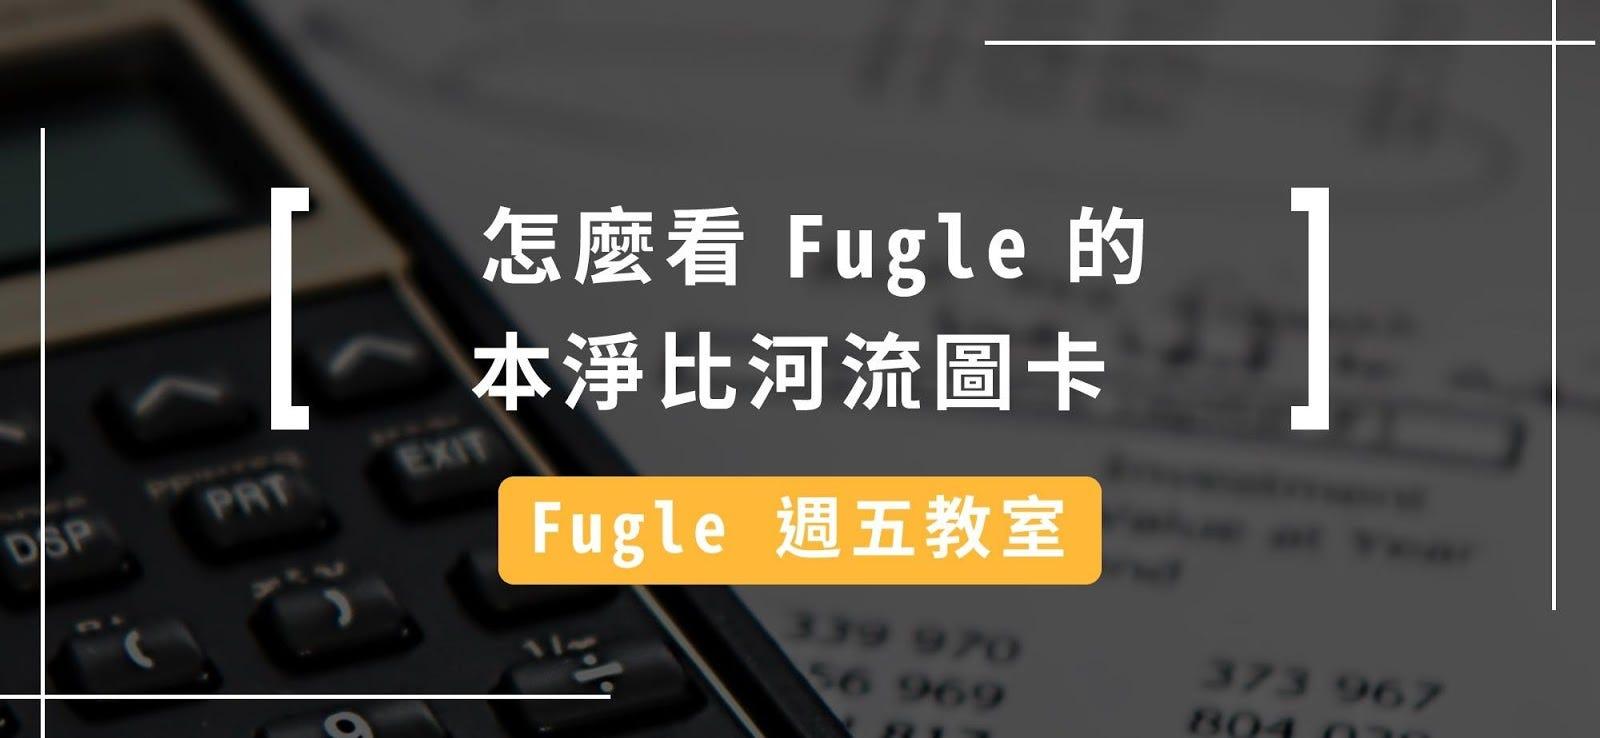 【週五教室】 怎麼看 Fugle 的本淨比河流圖卡 - Fugle - Medium